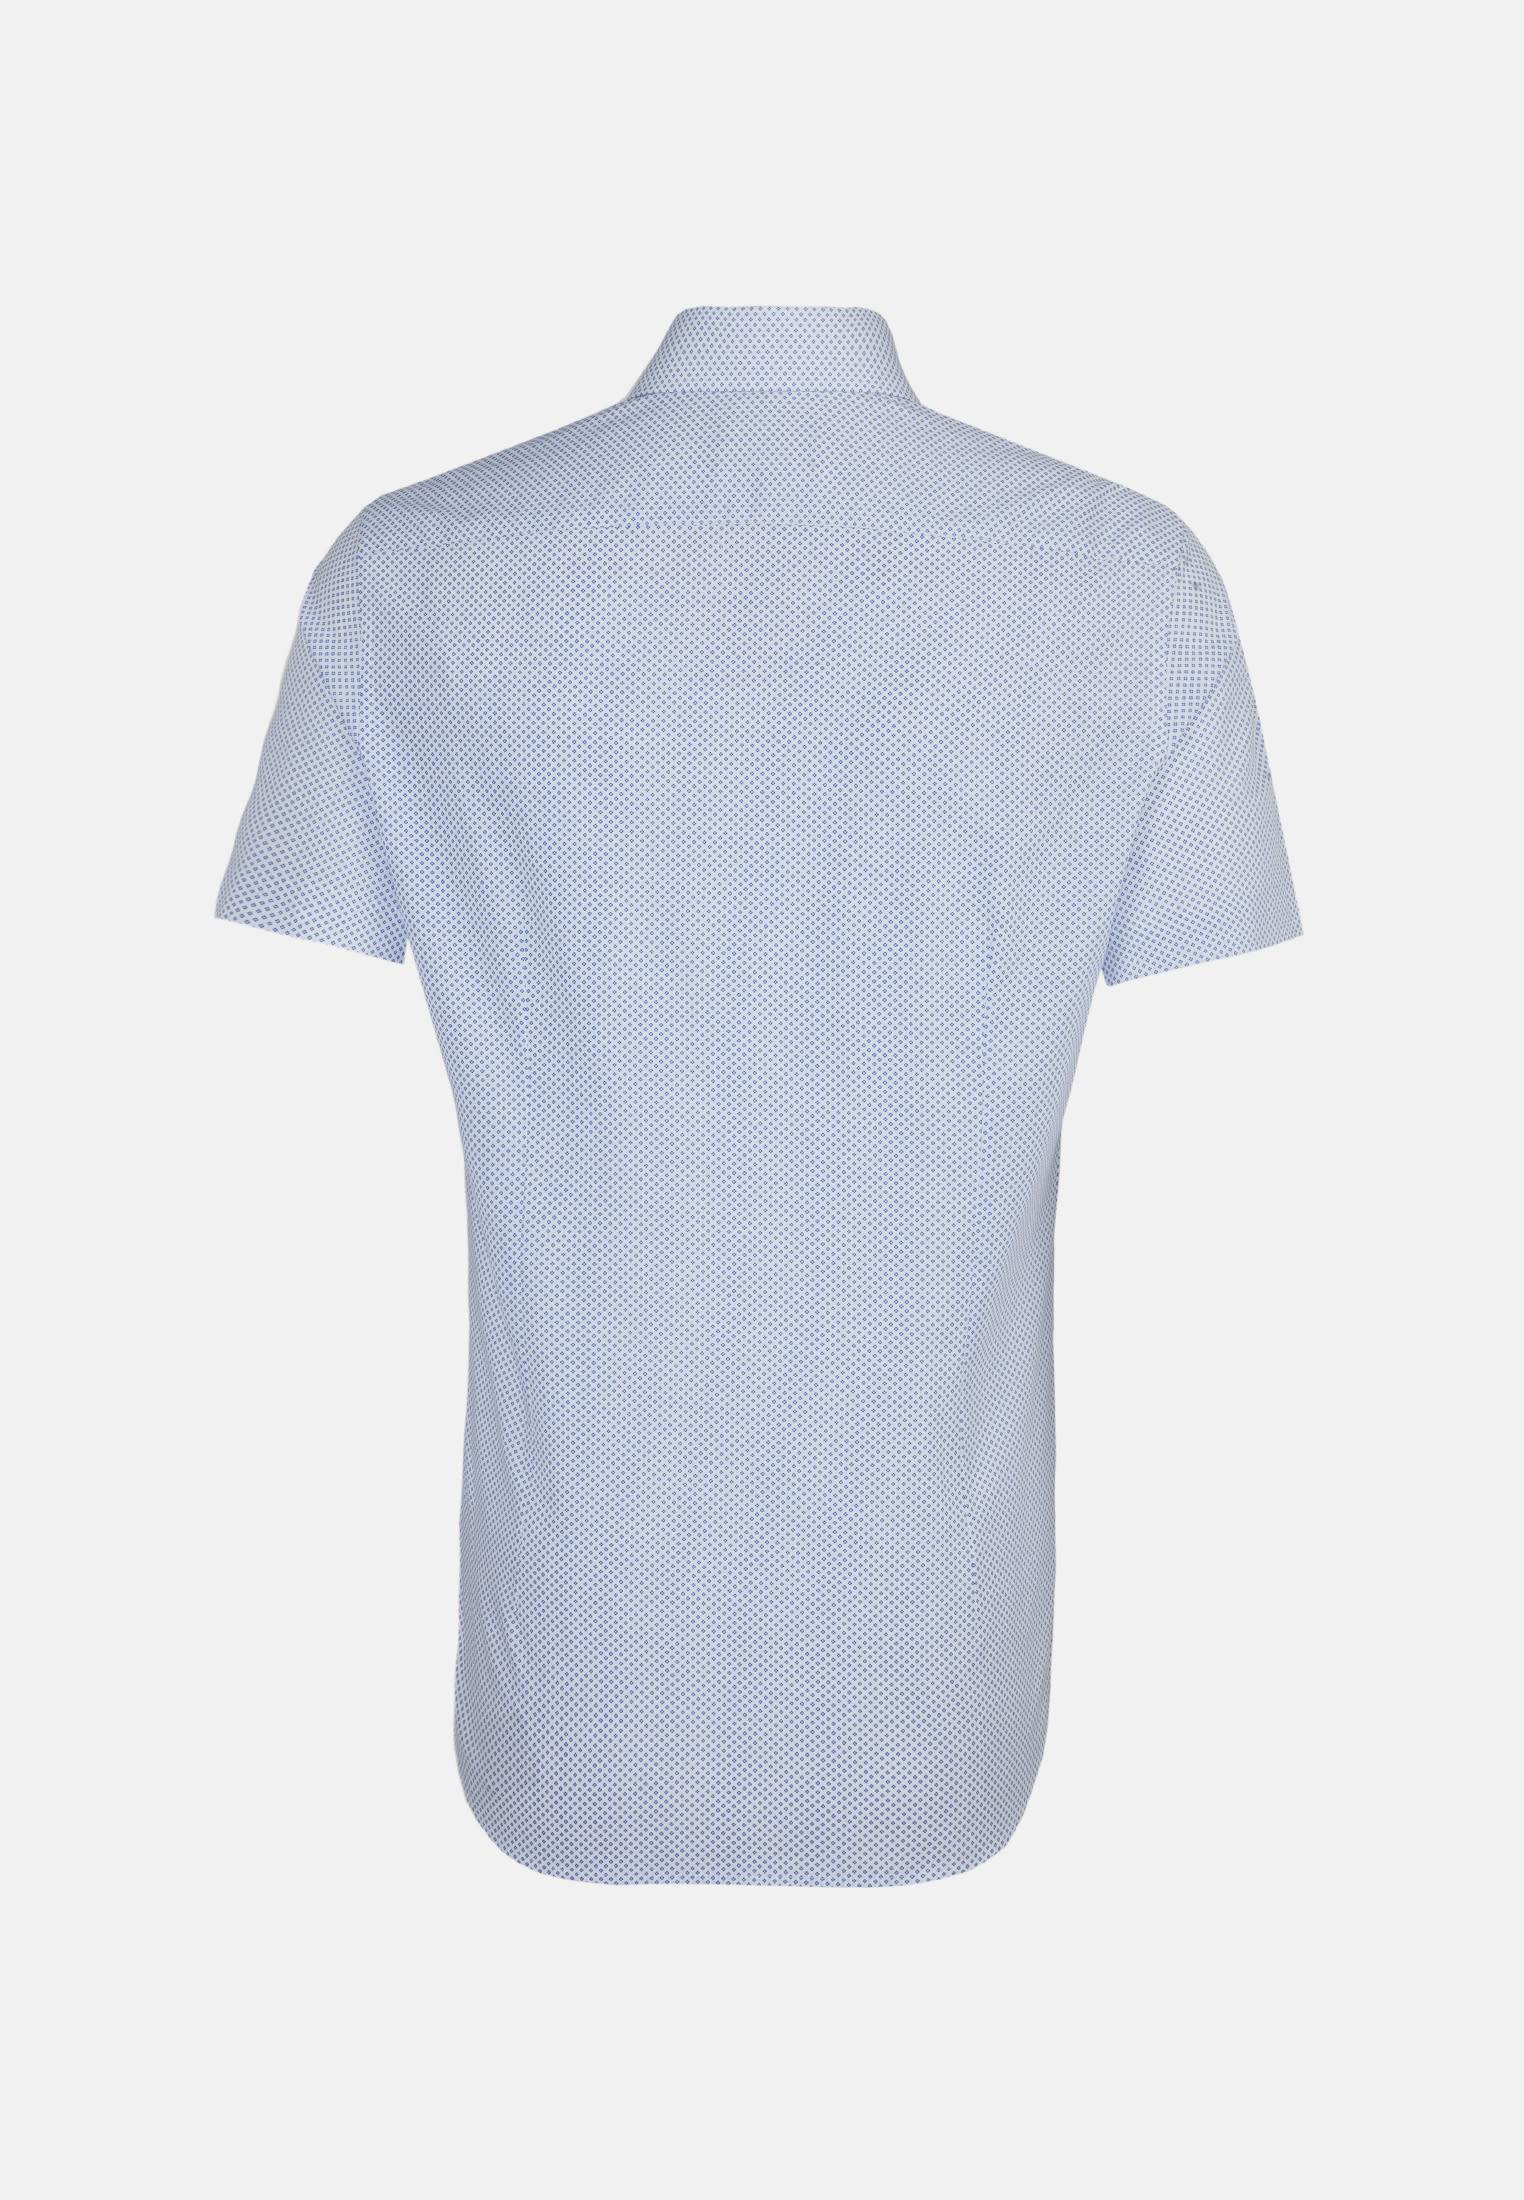 Bügelleichtes Popeline Kurzarm Business Hemd in Shaped mit Kentkragen in Hellblau |  Seidensticker Onlineshop